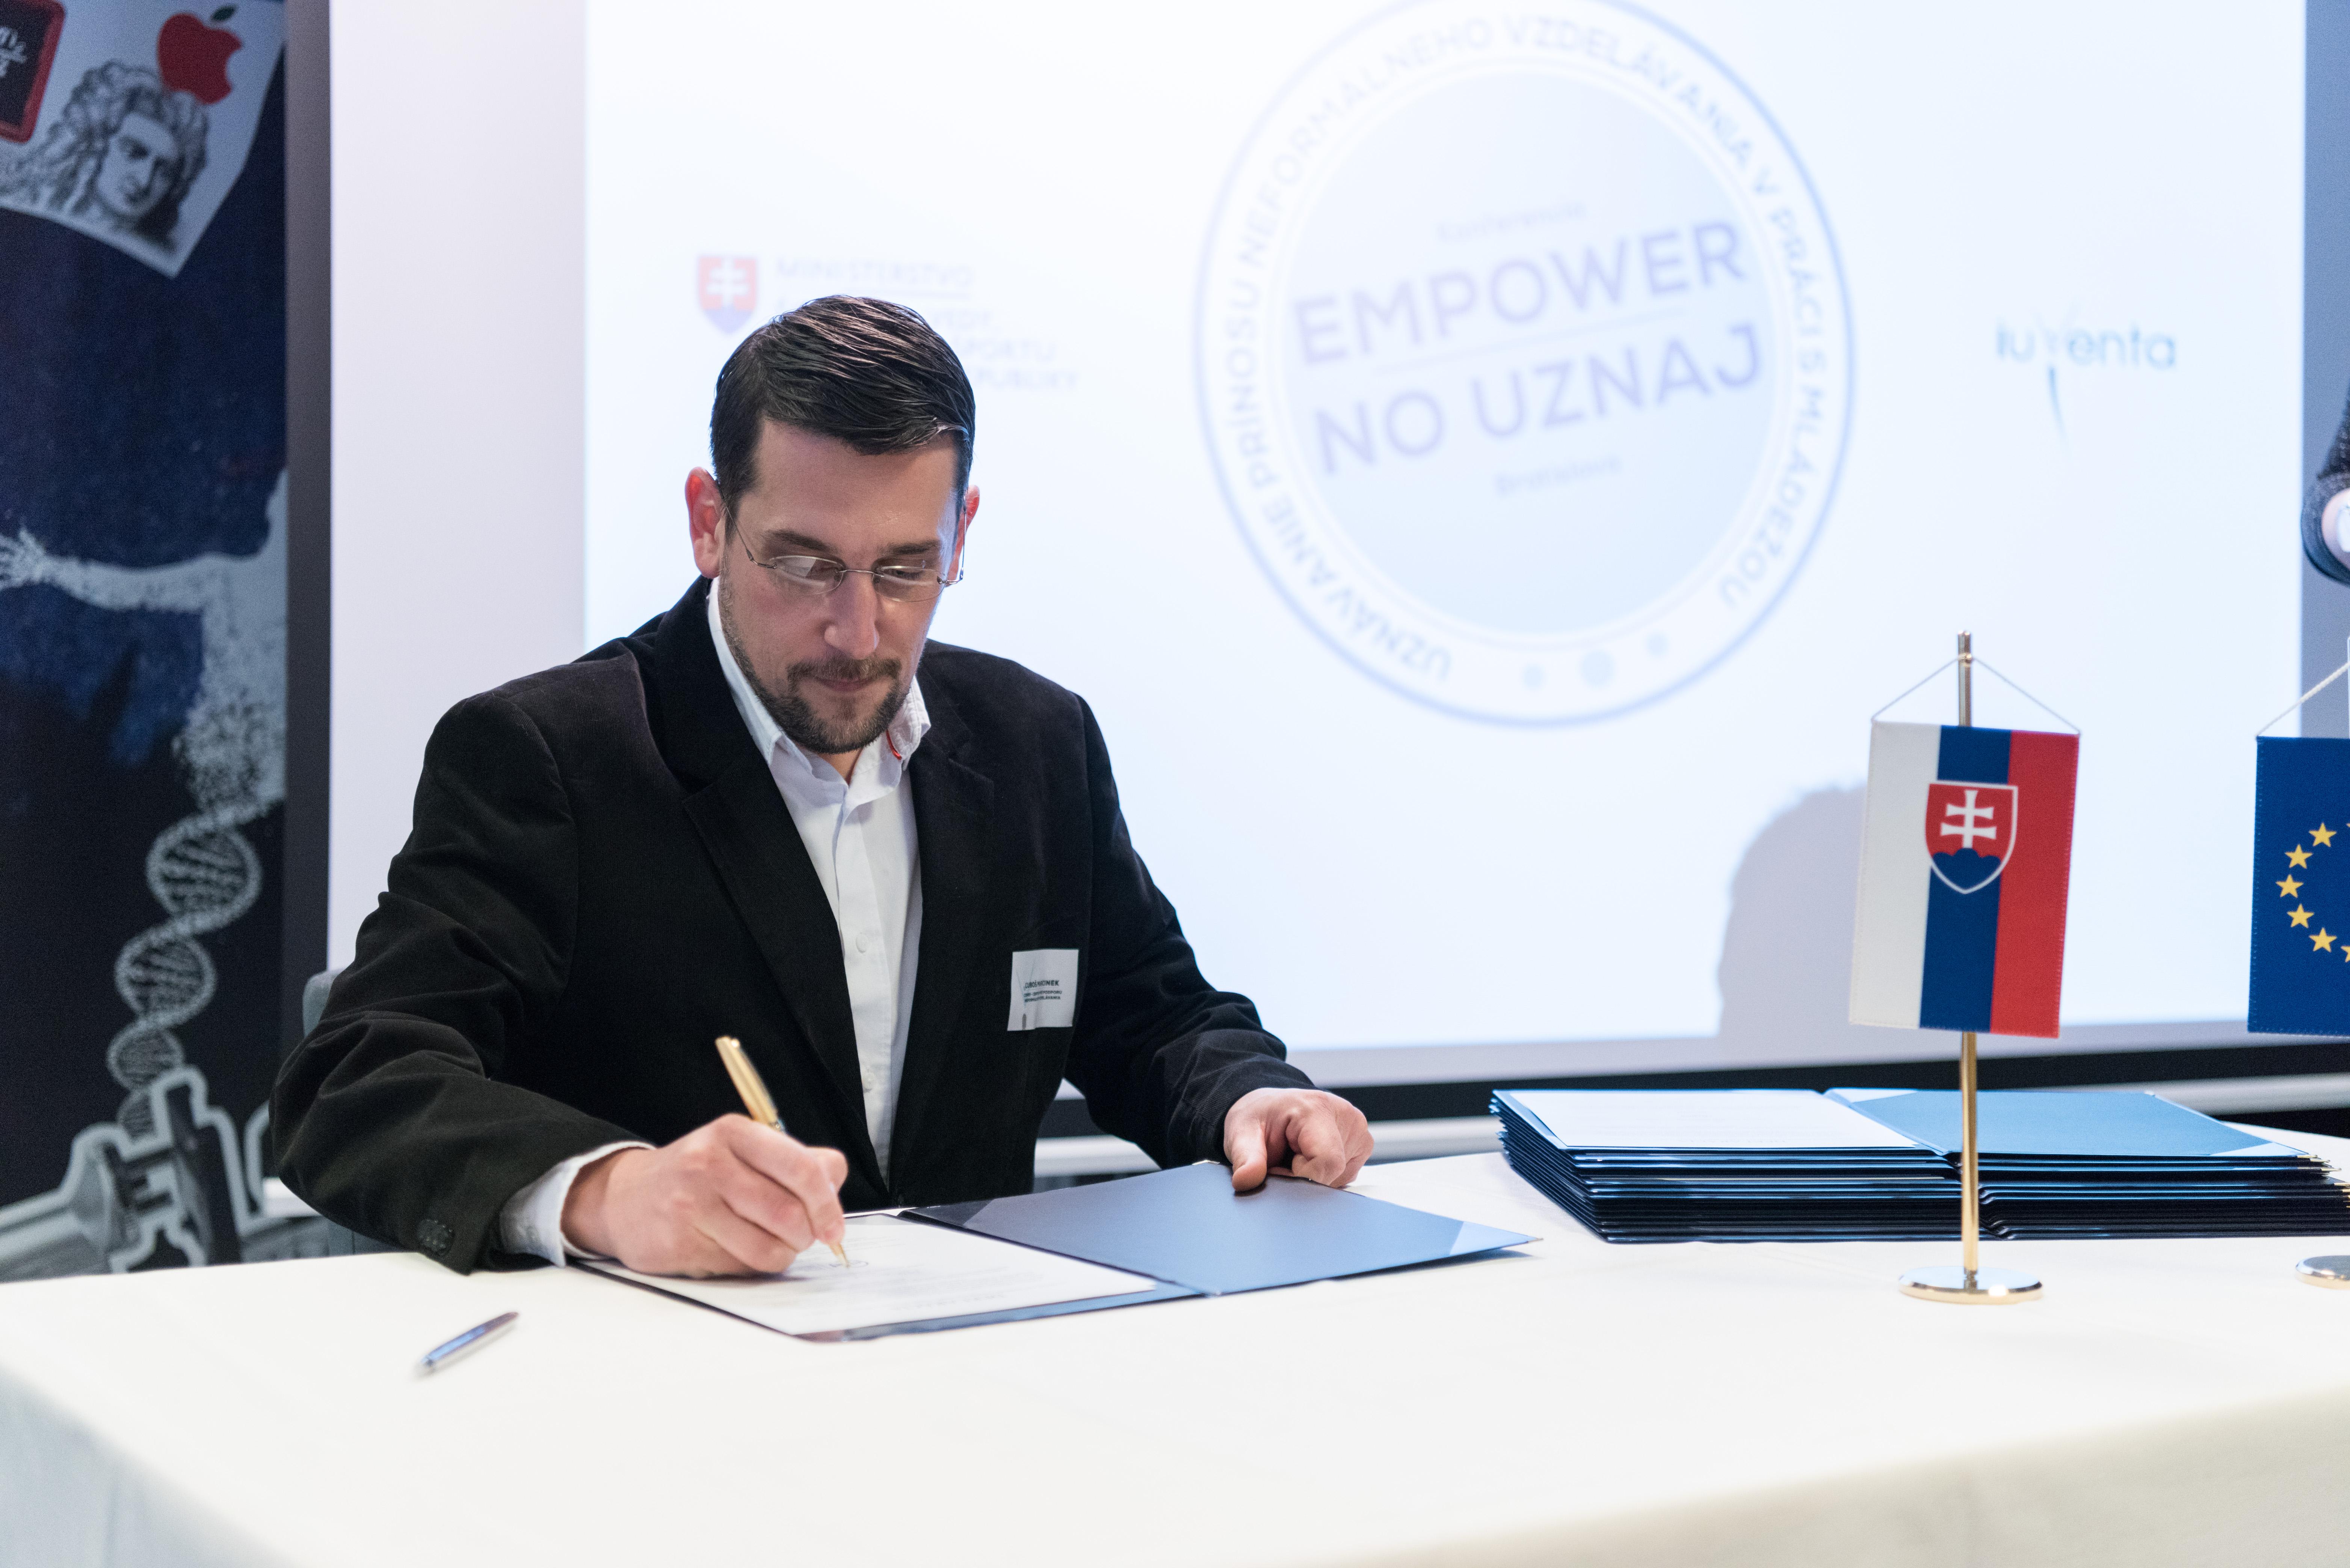 IUVENTA a CeNef podpísali Memorandum o spolupráci